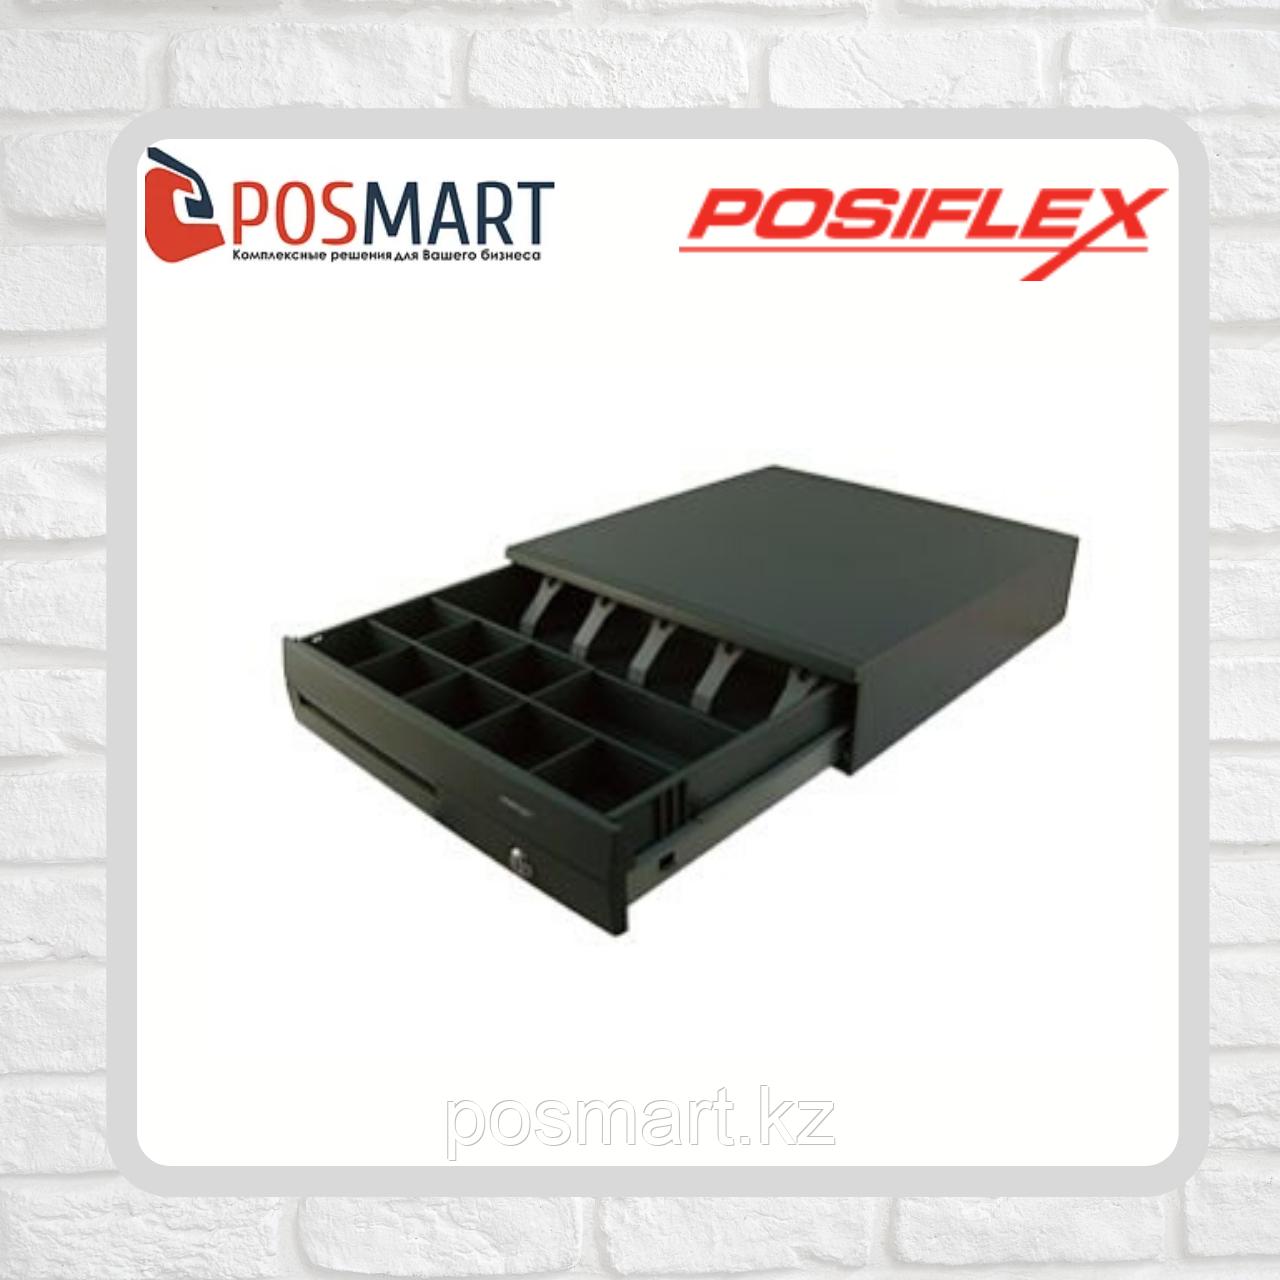 Денежный ящик Posiflex CR-4000